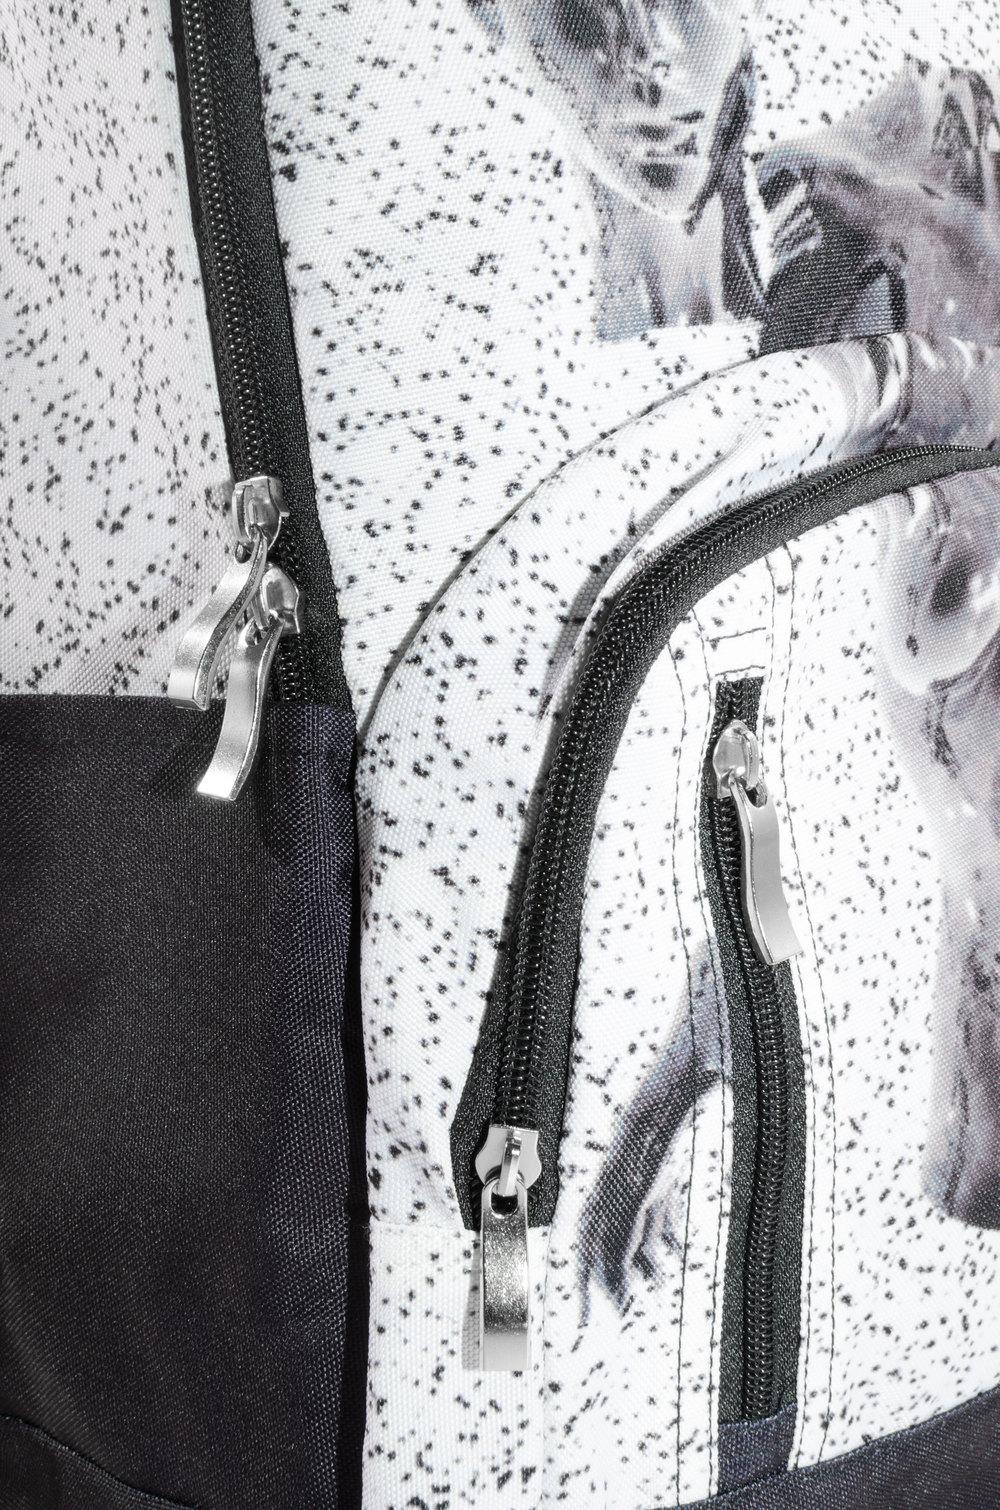 White Static : 3D Body Backpack Detail-1.jpg